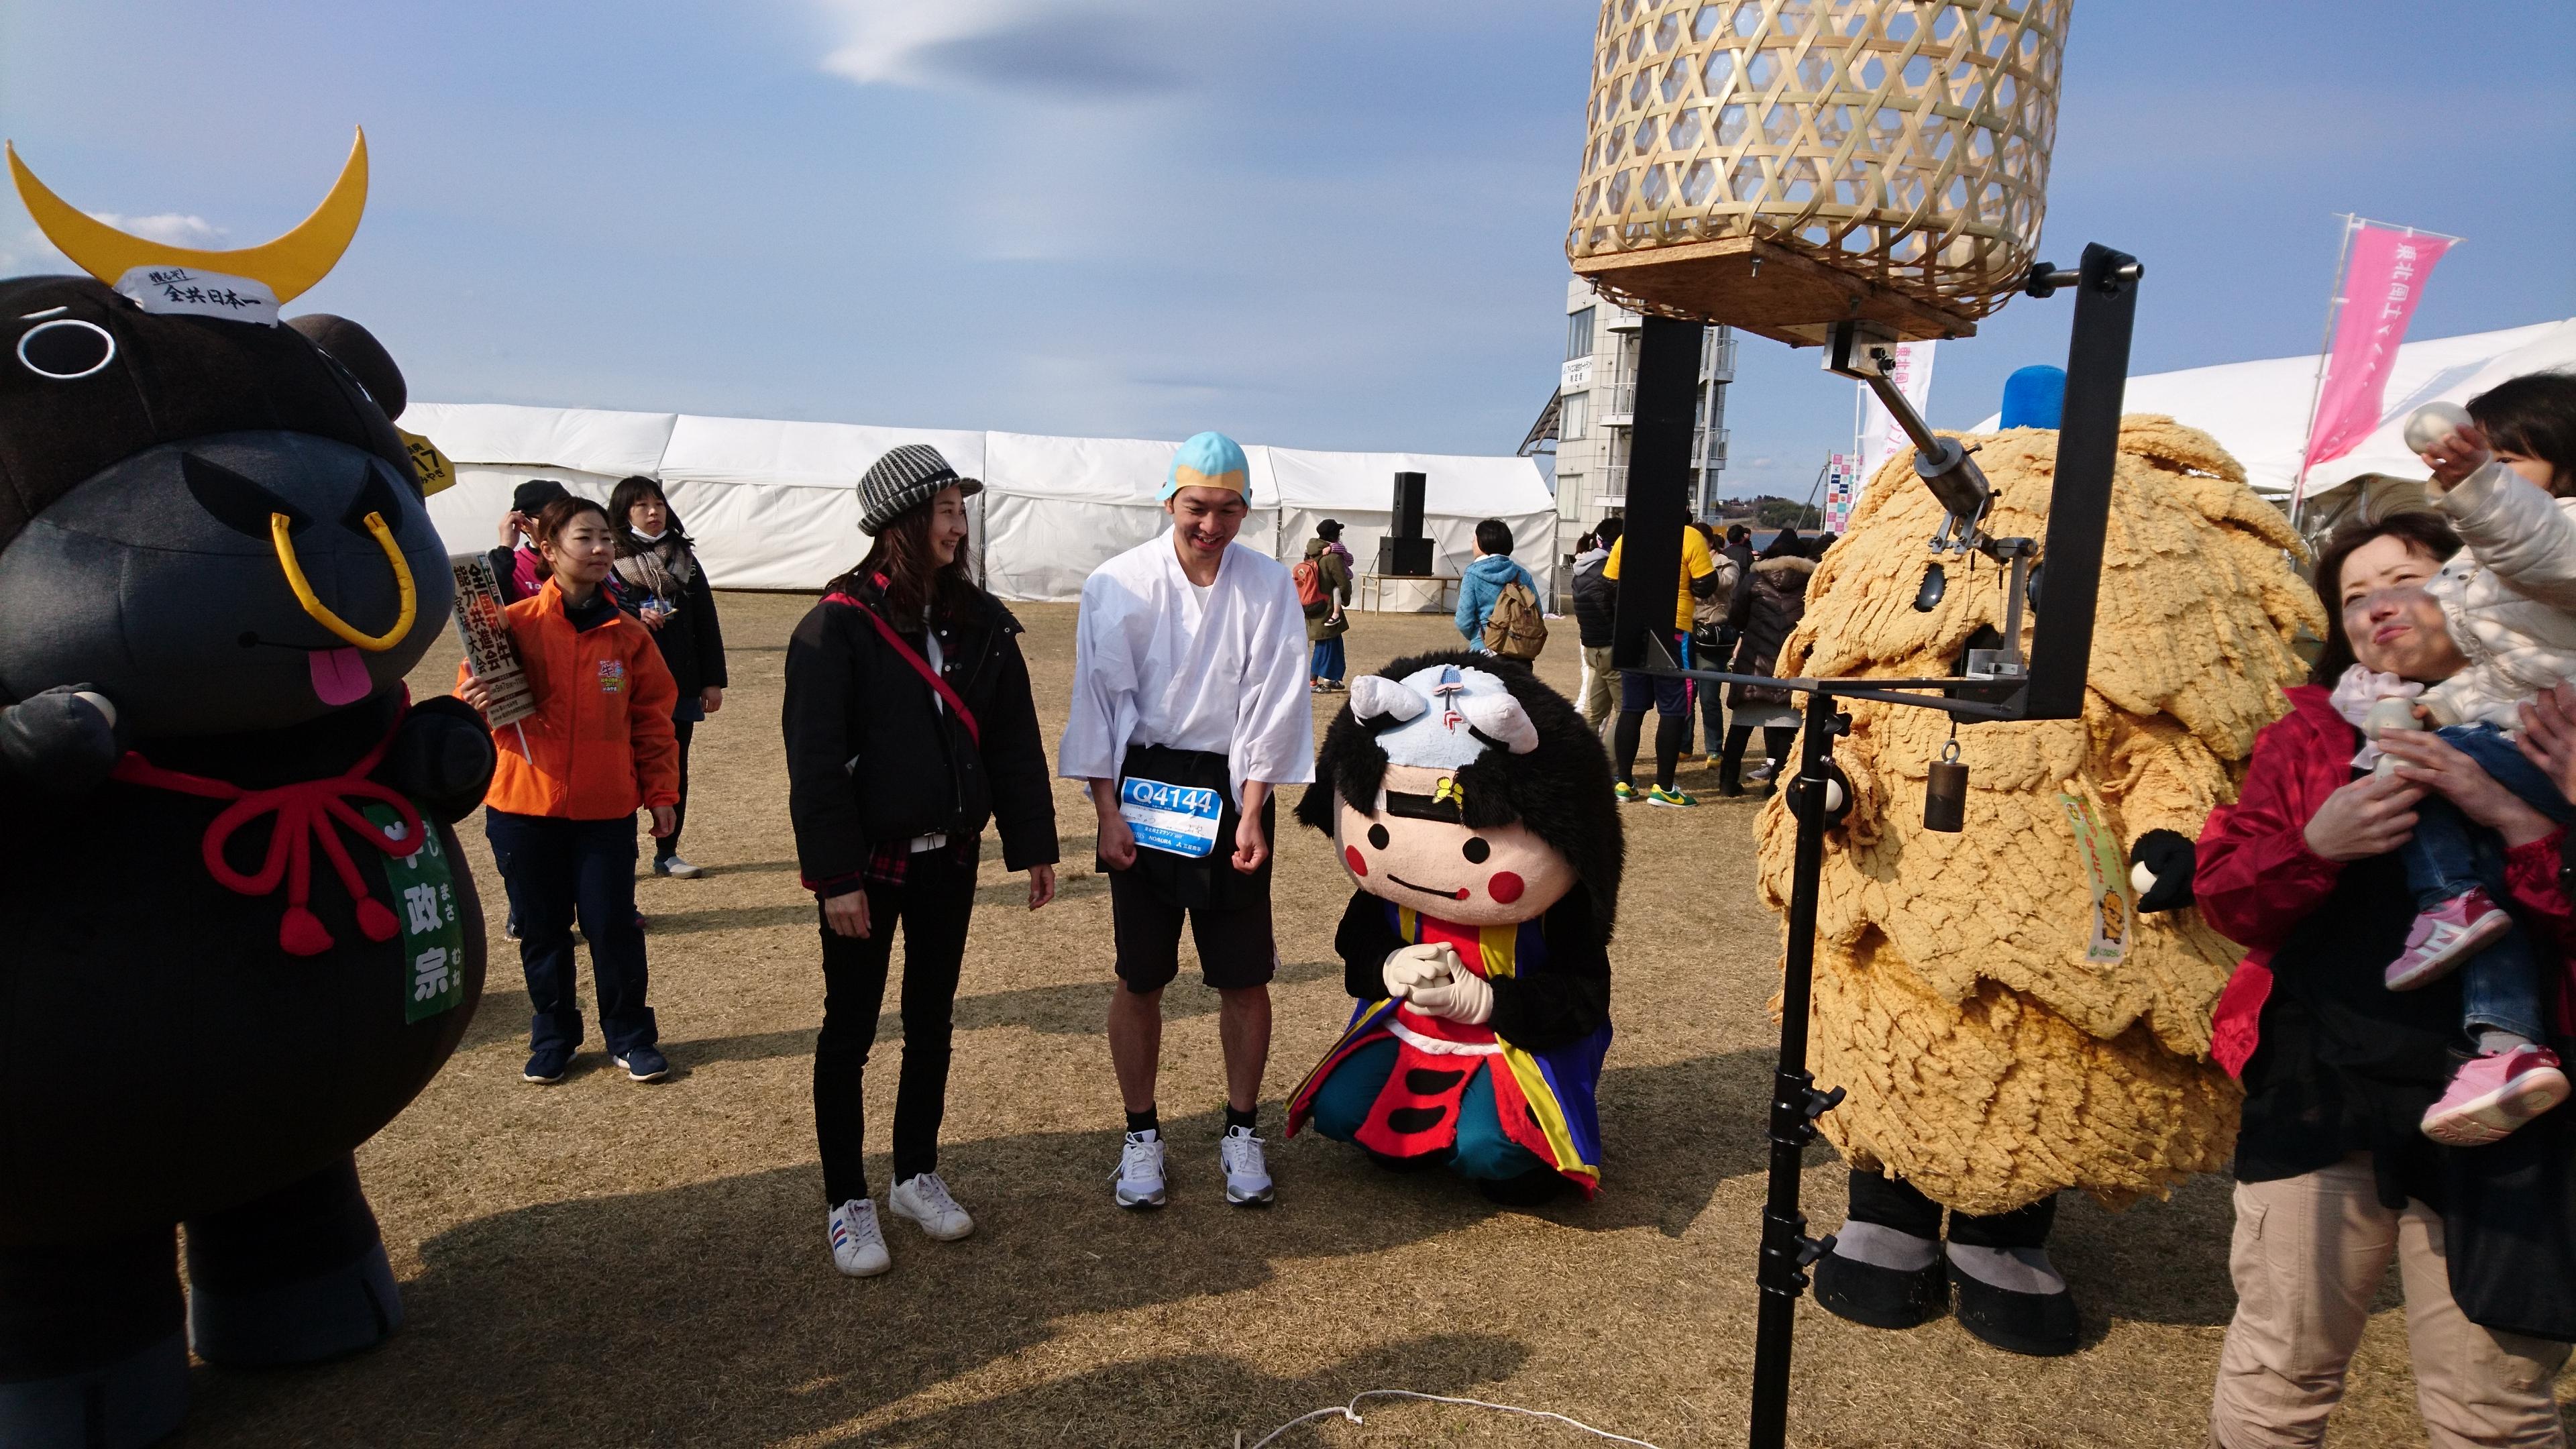 ランナーも応援者も皆が楽しめる「東北風土マラソン&フェスティバル」